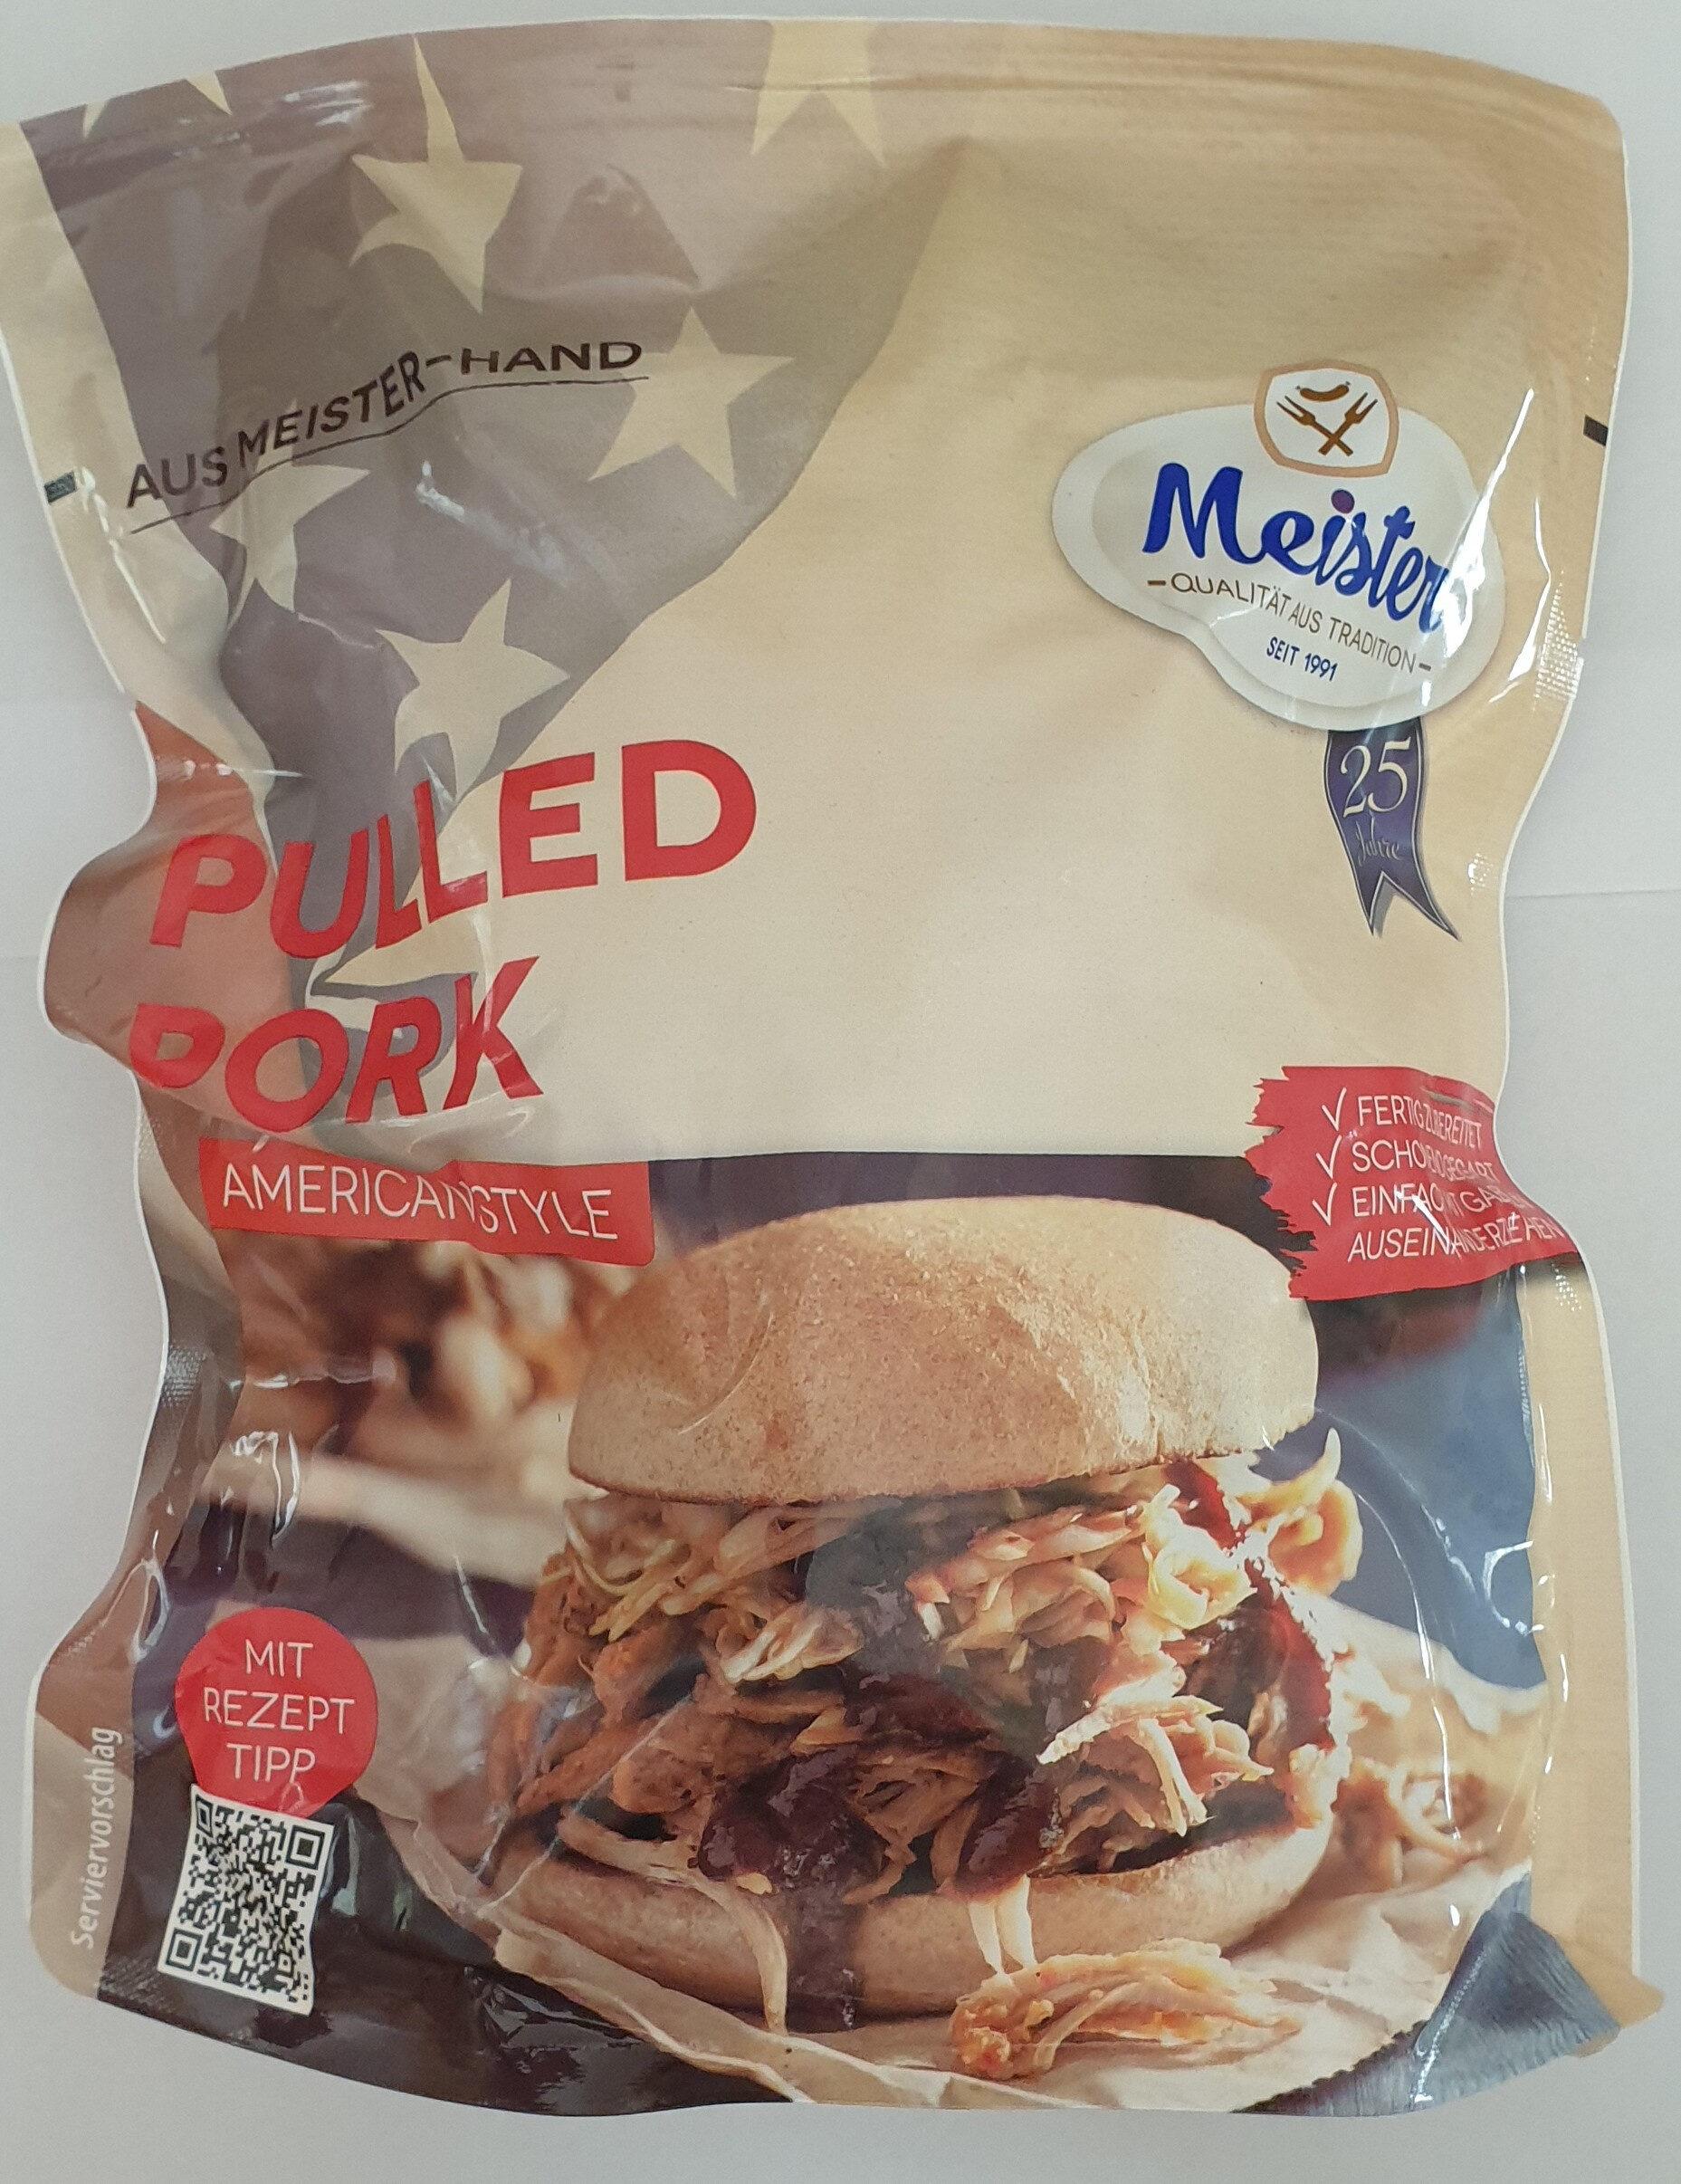 Pulled pork, American style - Prodotto - de